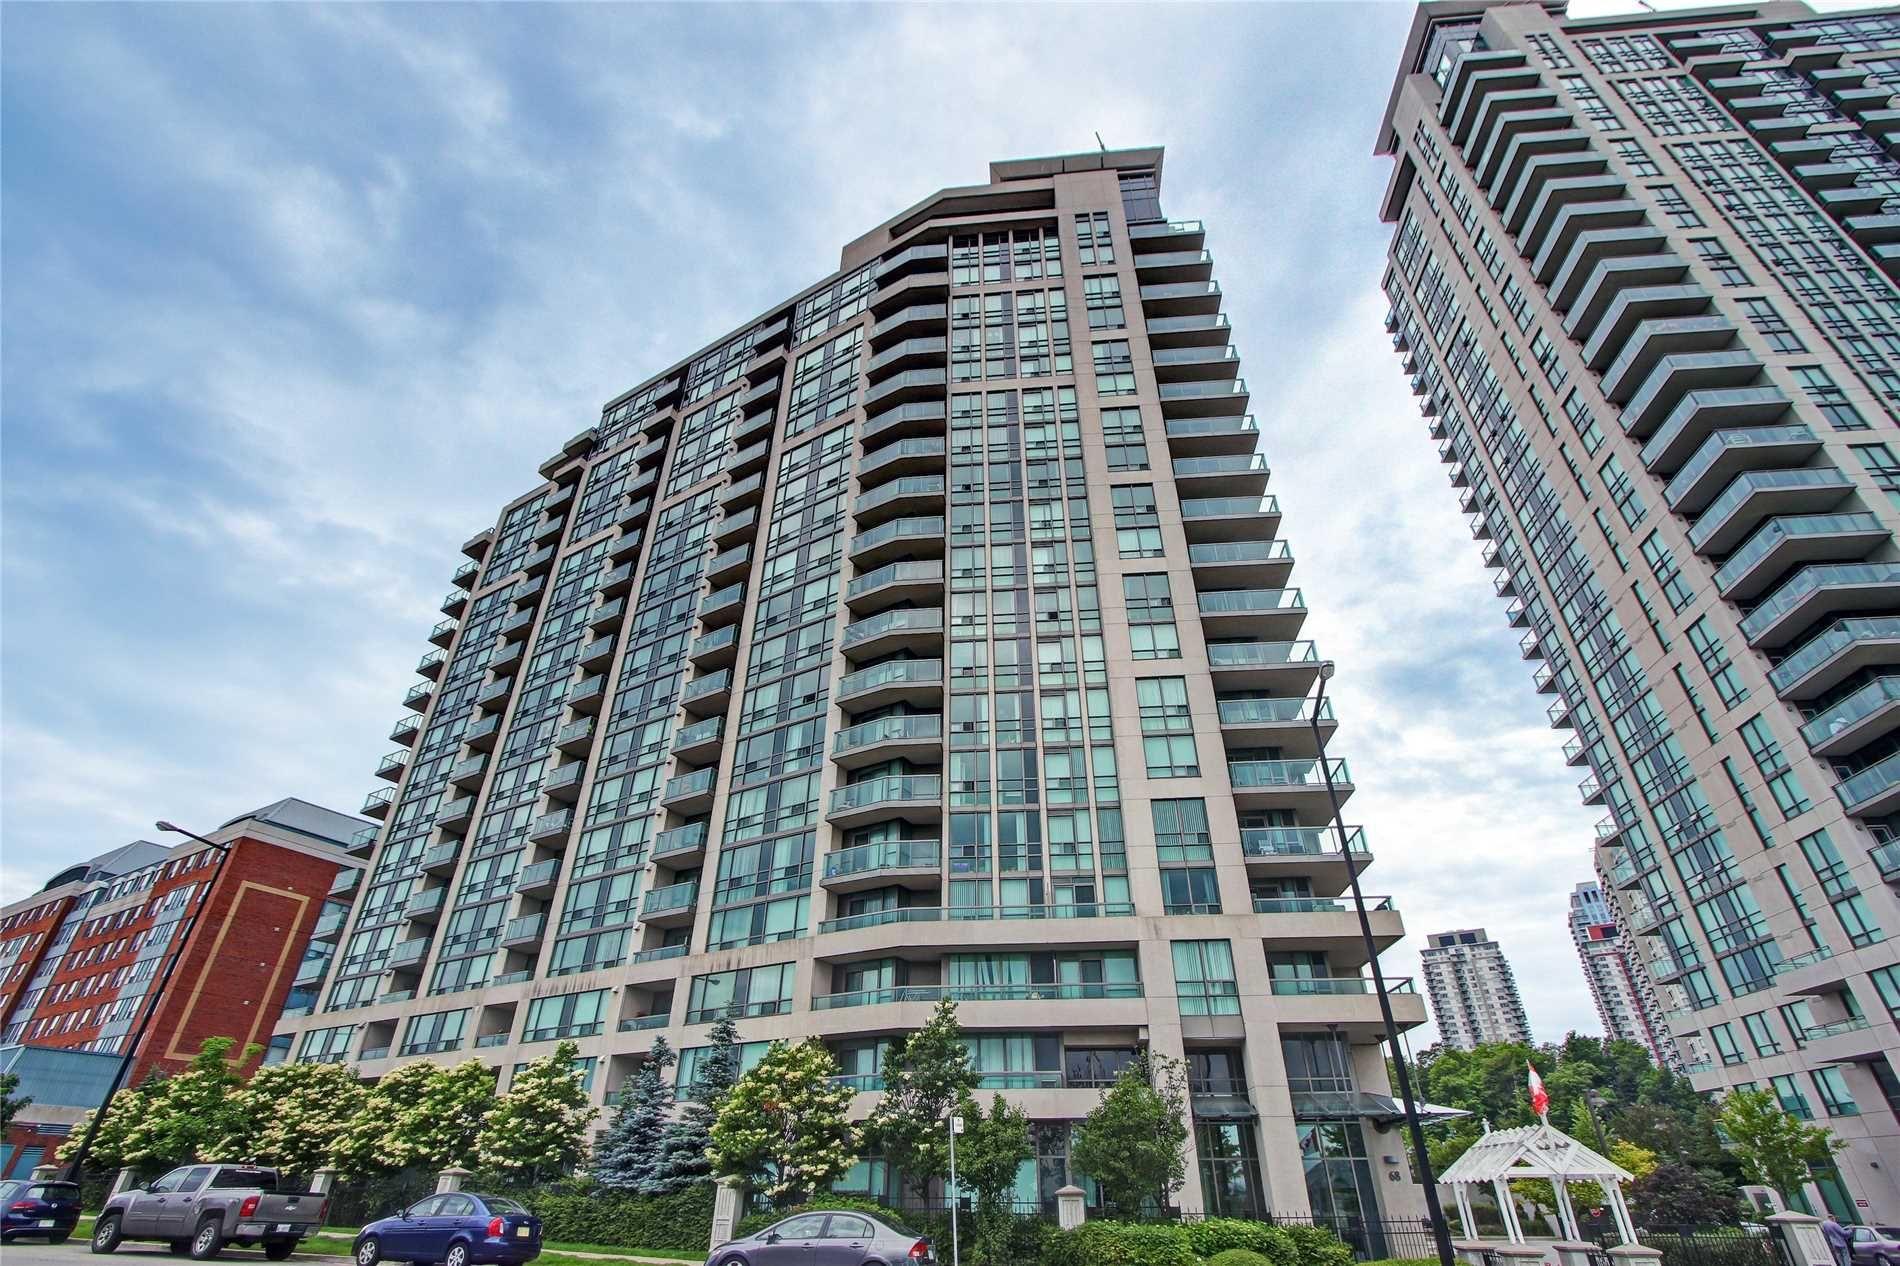 Main Photo: 801 68 Grangeway Avenue in Toronto: Woburn Condo for sale (Toronto E09)  : MLS®# E4507966